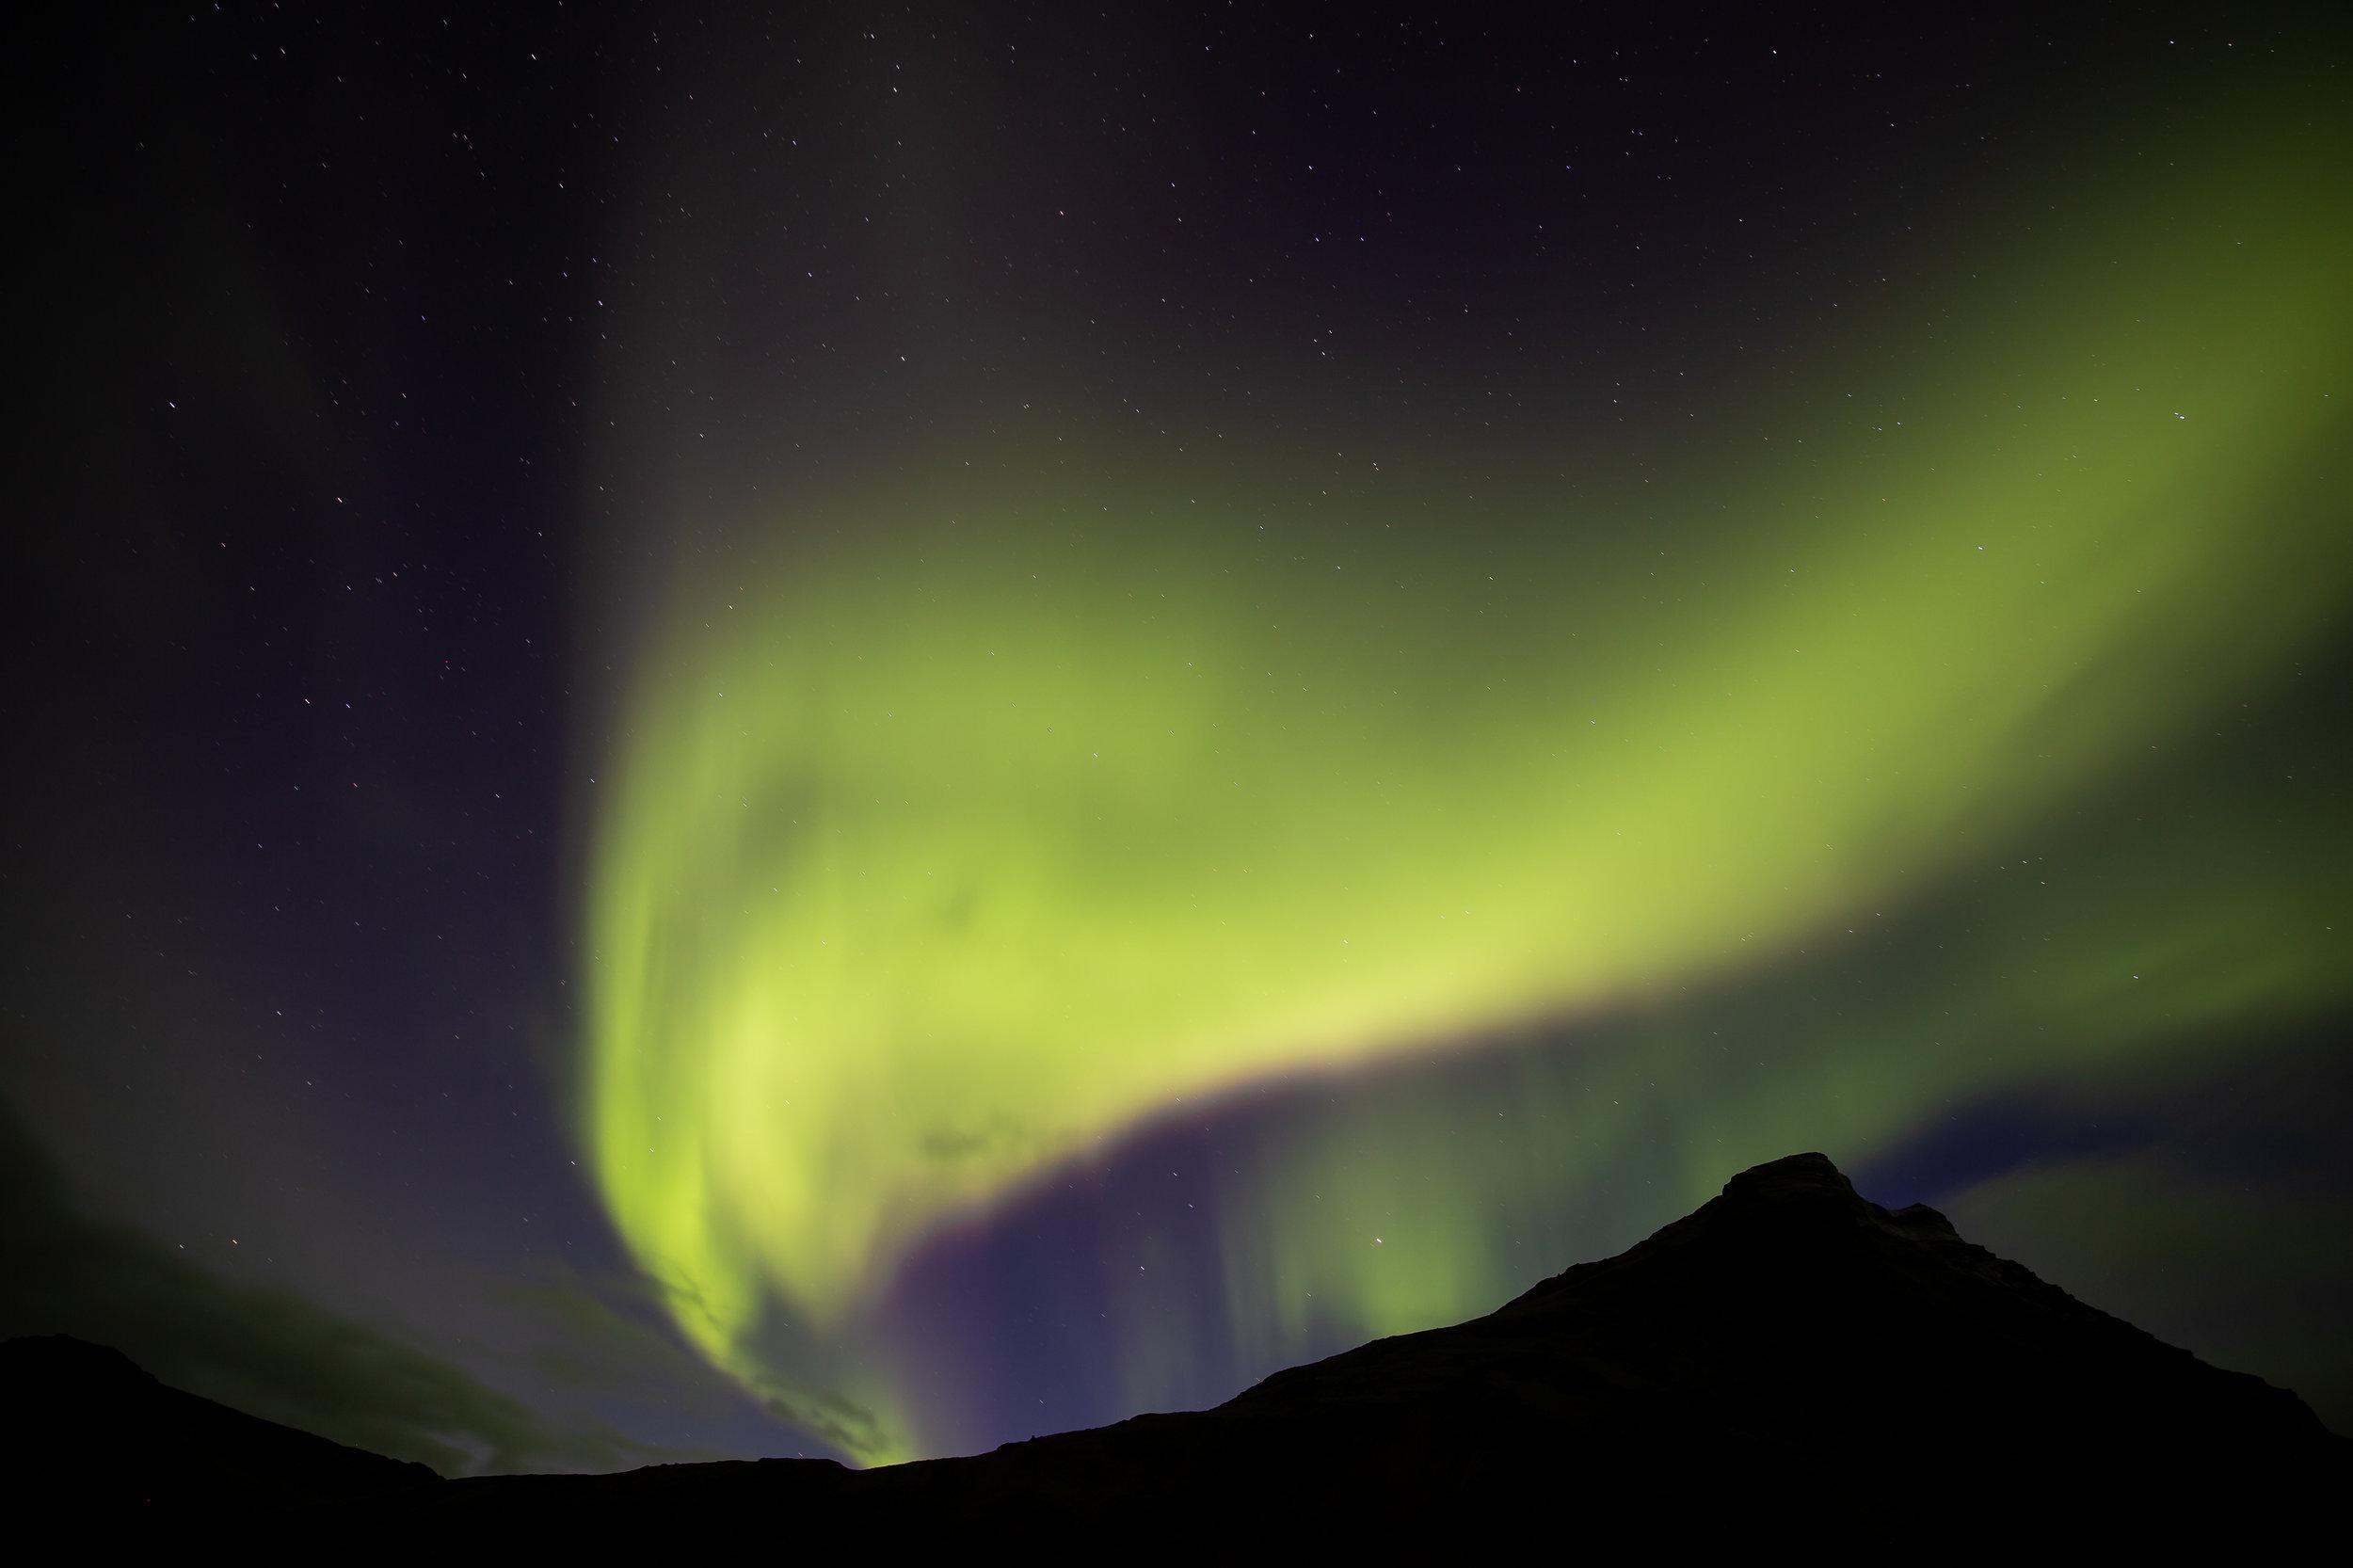 Auroras Boreales - Si las condiciones climatologicas lo permiten, en la noche estaremos disfrutando de este increíble fenómeno natural.